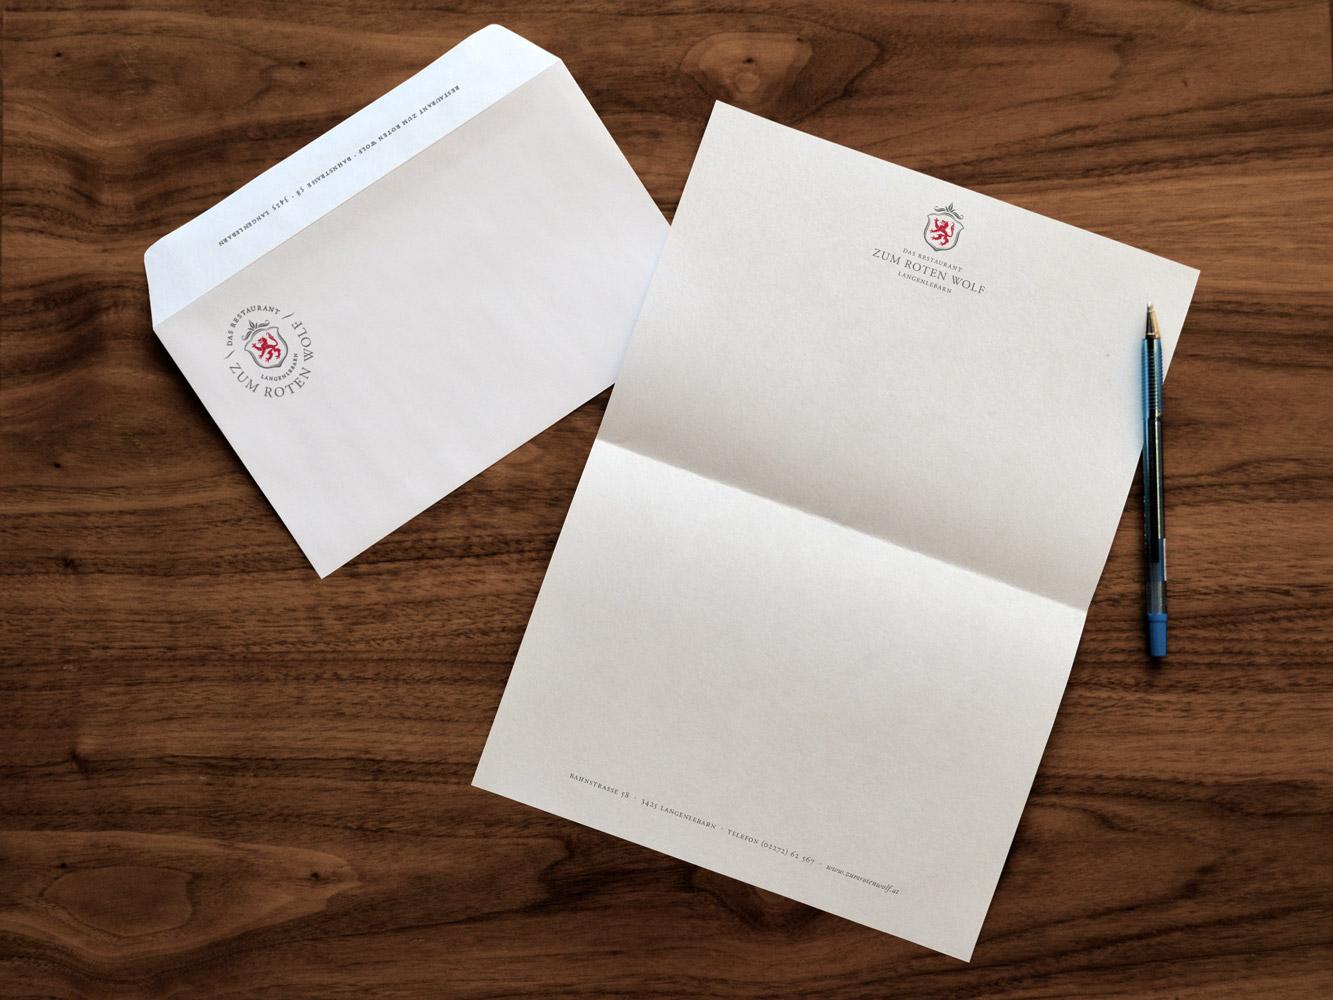 zrw-envelopeletter